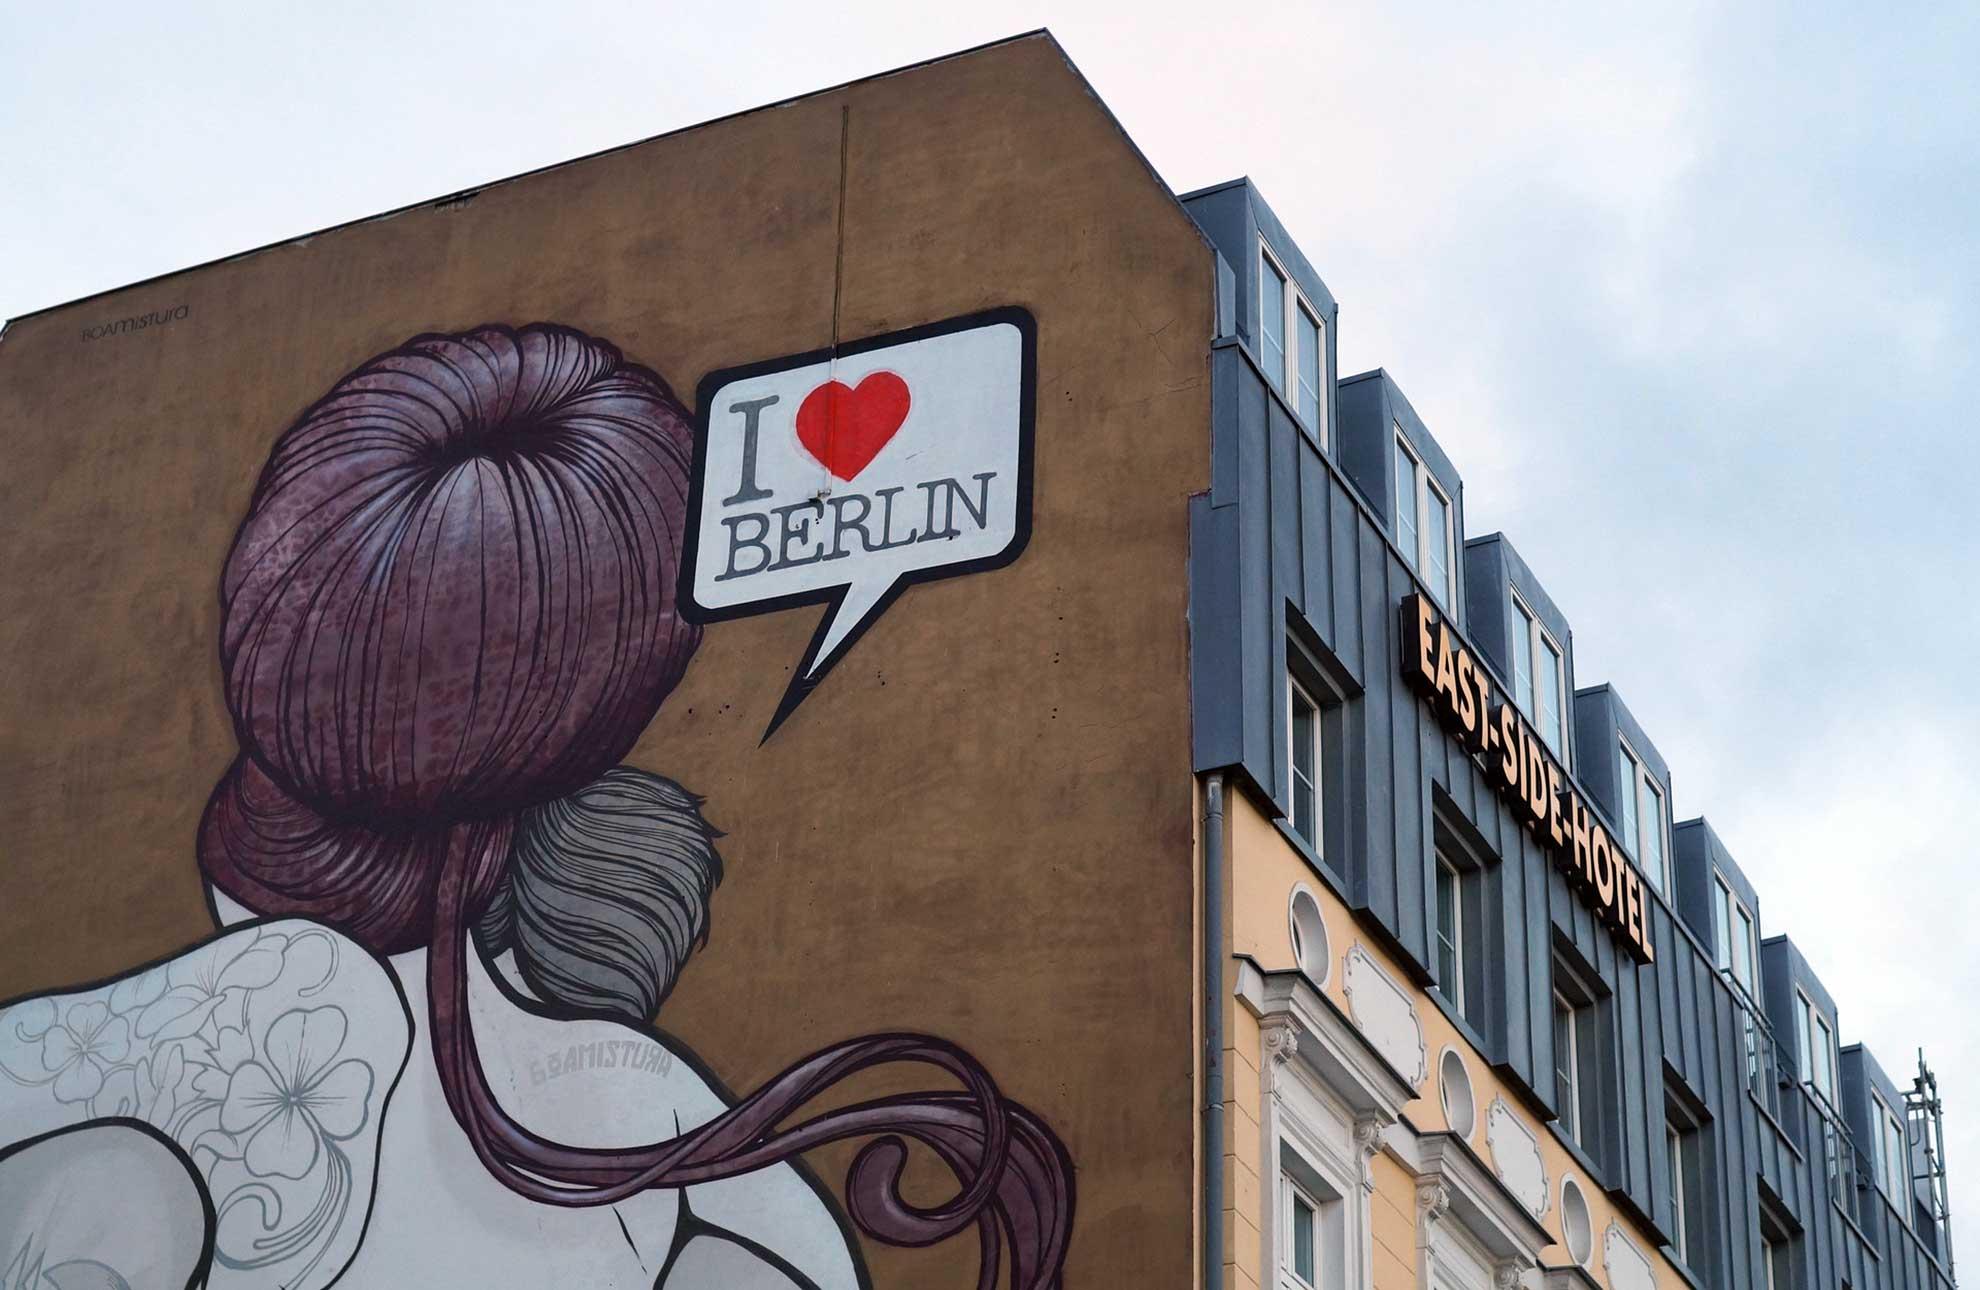 Berlino: In Giro Con La Mia Amica Titti E Le Altre